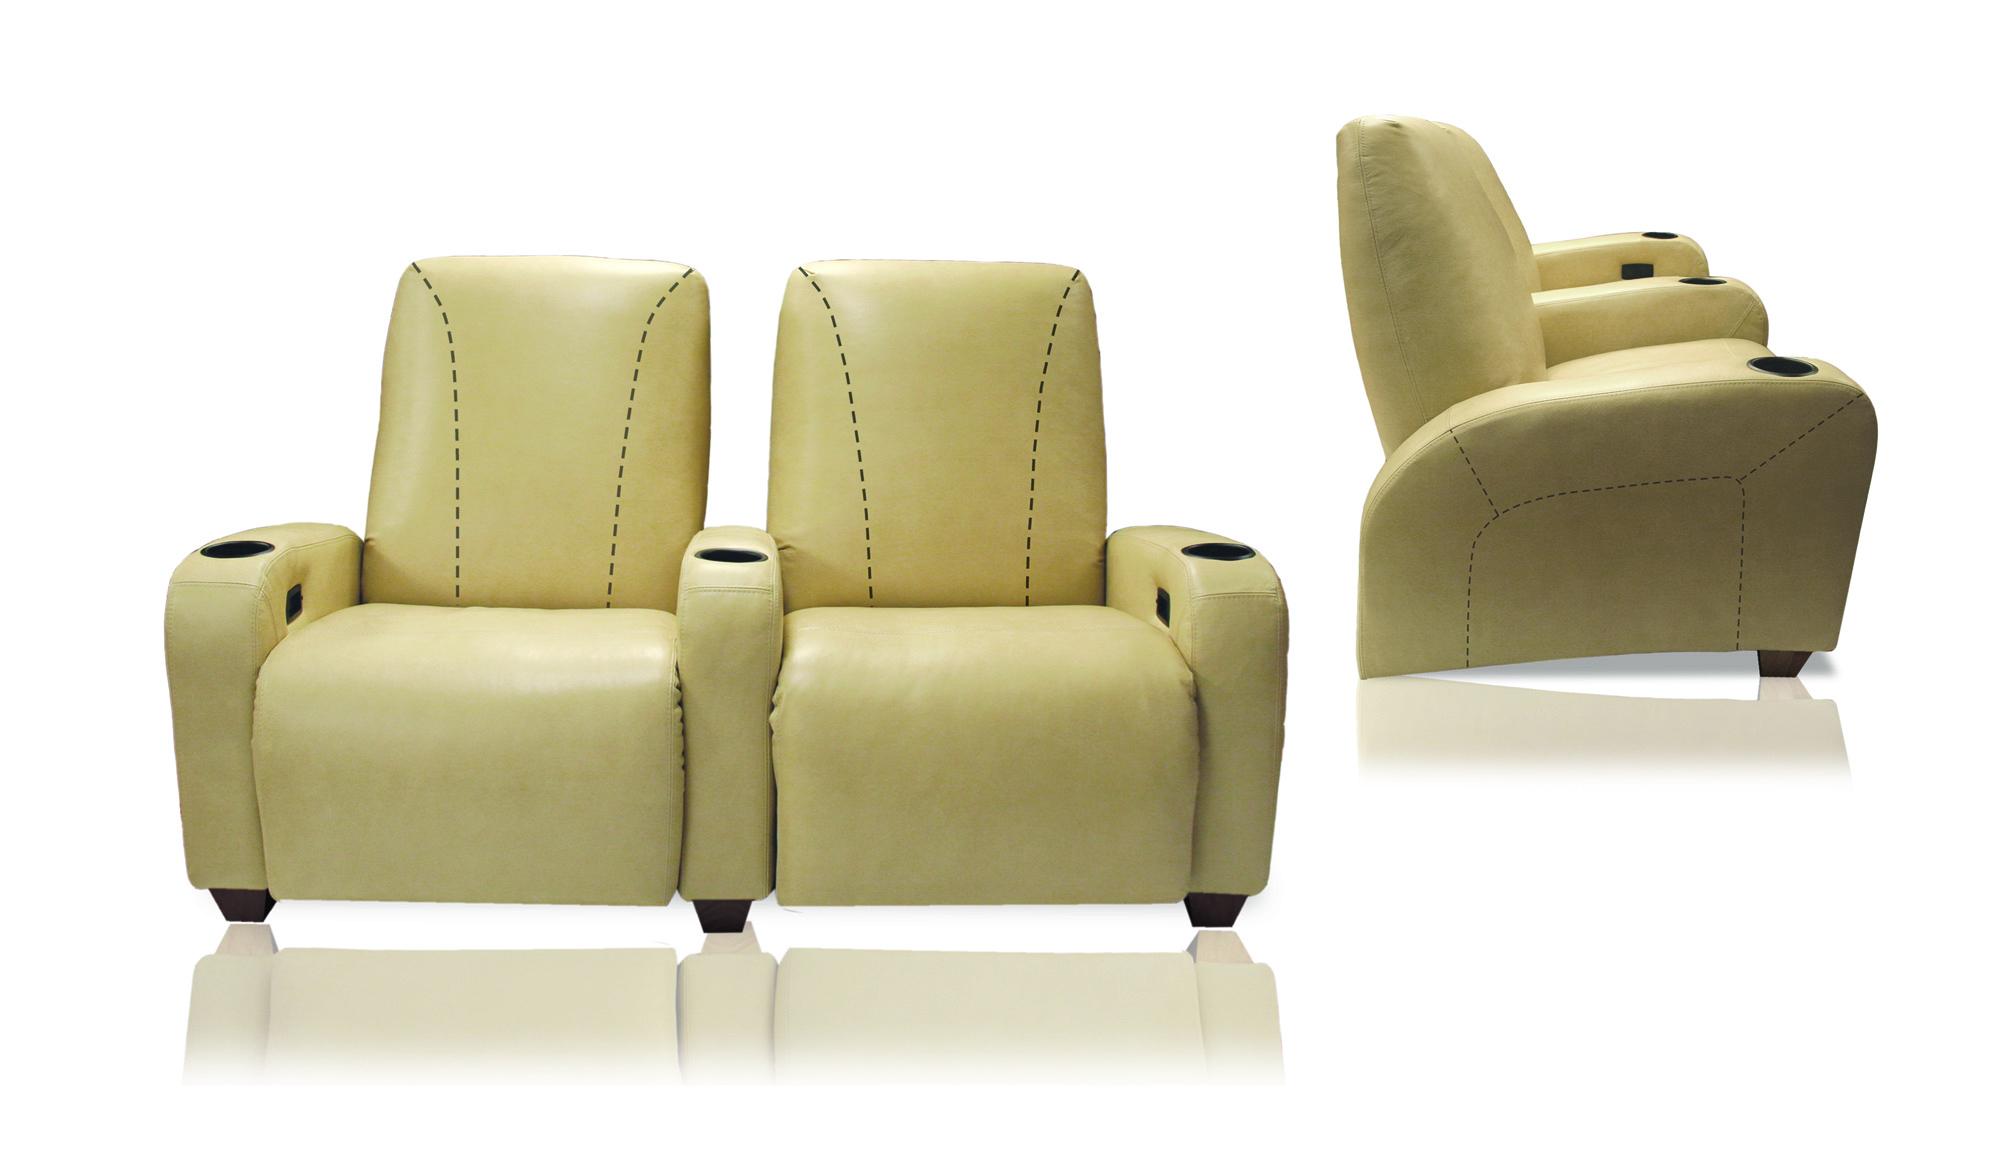 fauteuils cin ma maison jaymar 46555 qu bec acoustique canada. Black Bedroom Furniture Sets. Home Design Ideas